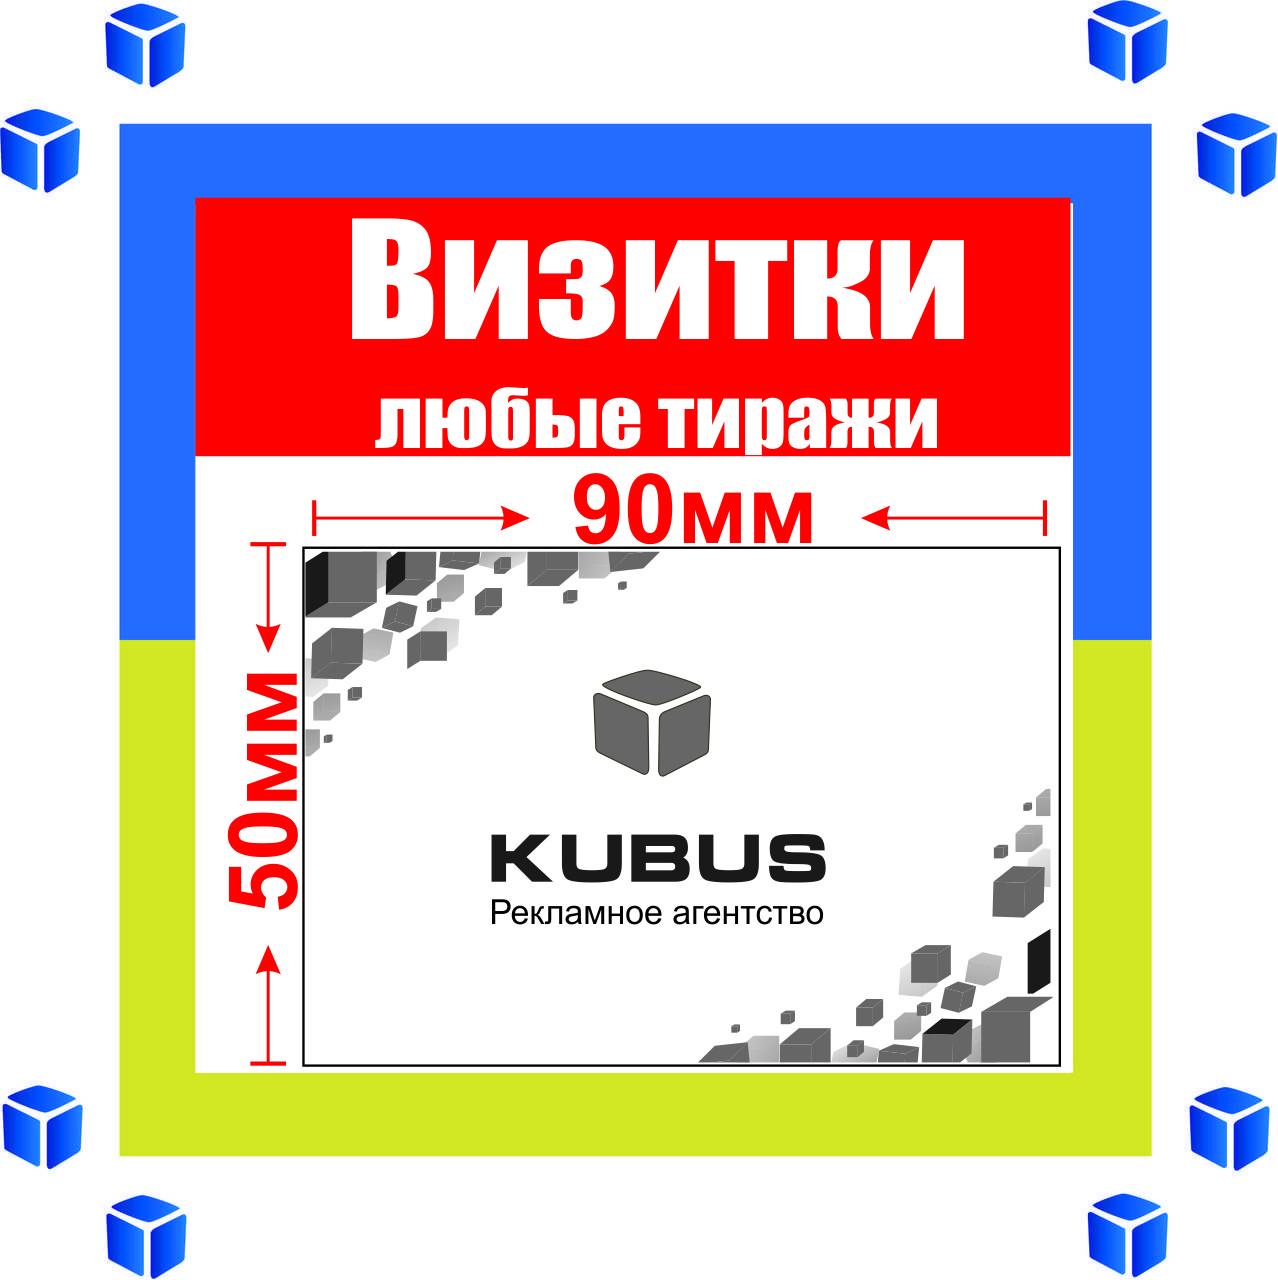 Печать черно-белых  односторонних визиток 96 шт online(любые тиражи/1день)